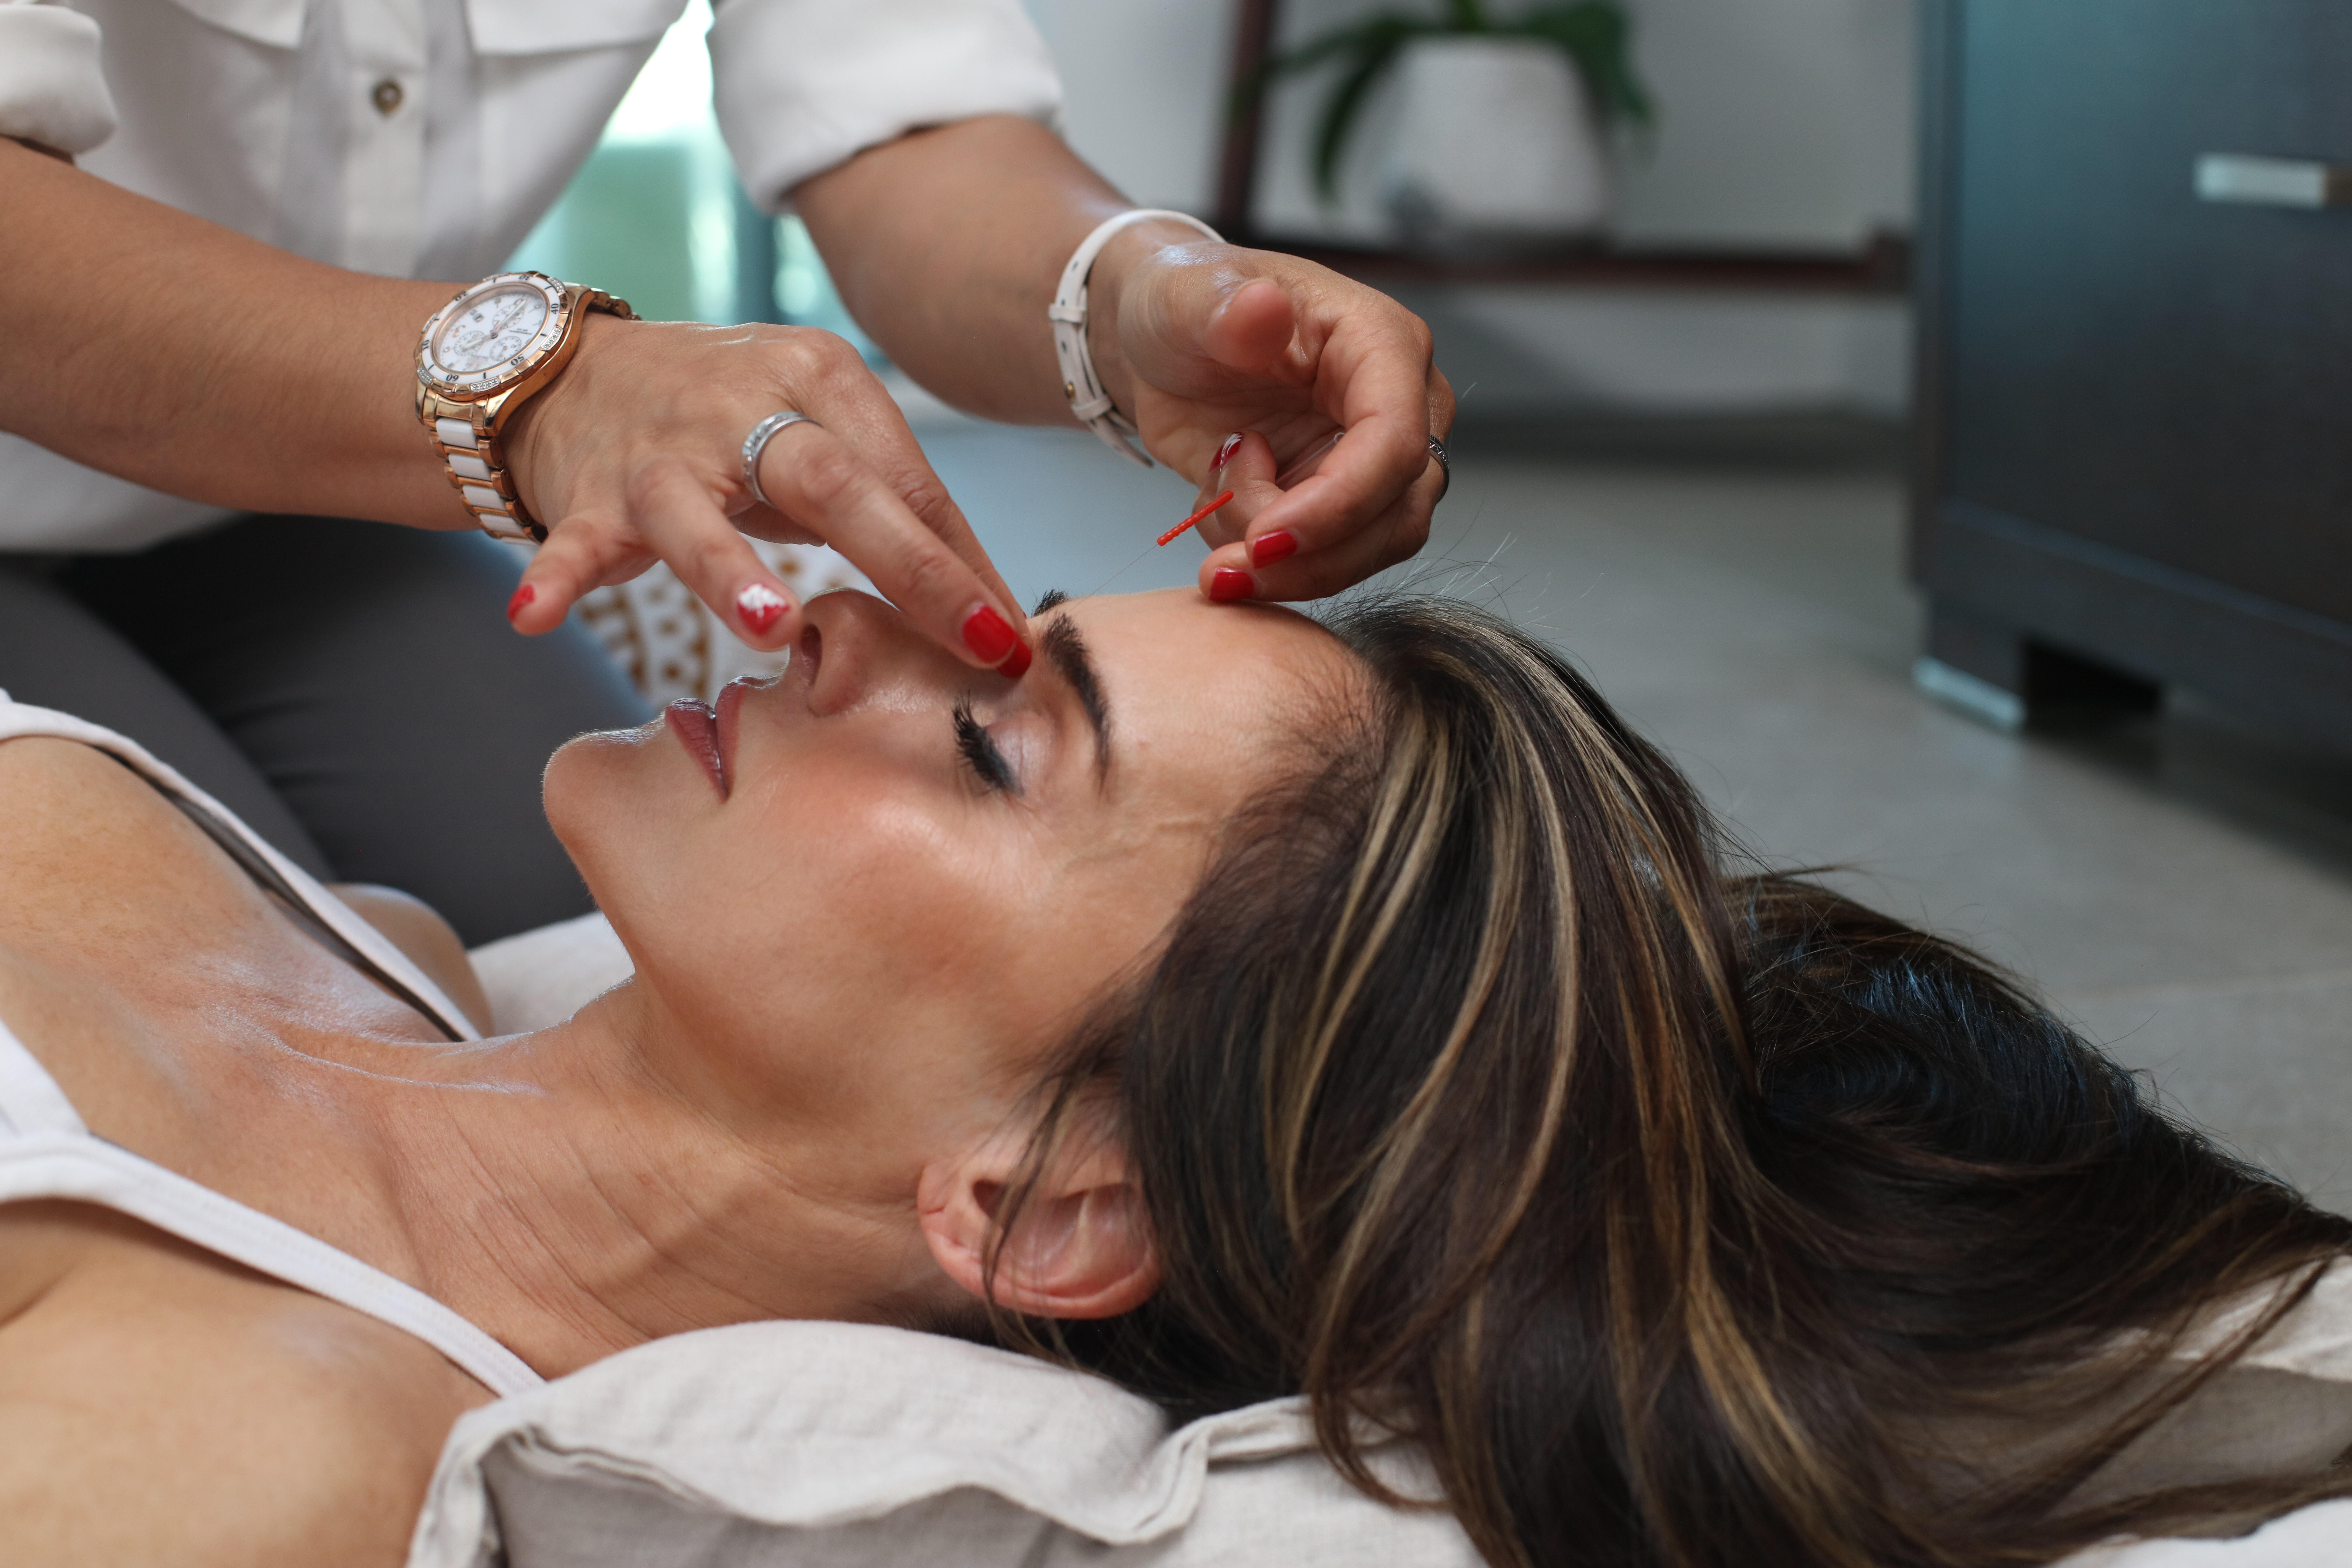 Tag på et akupunktur kursus og prøv en helt ny karriere